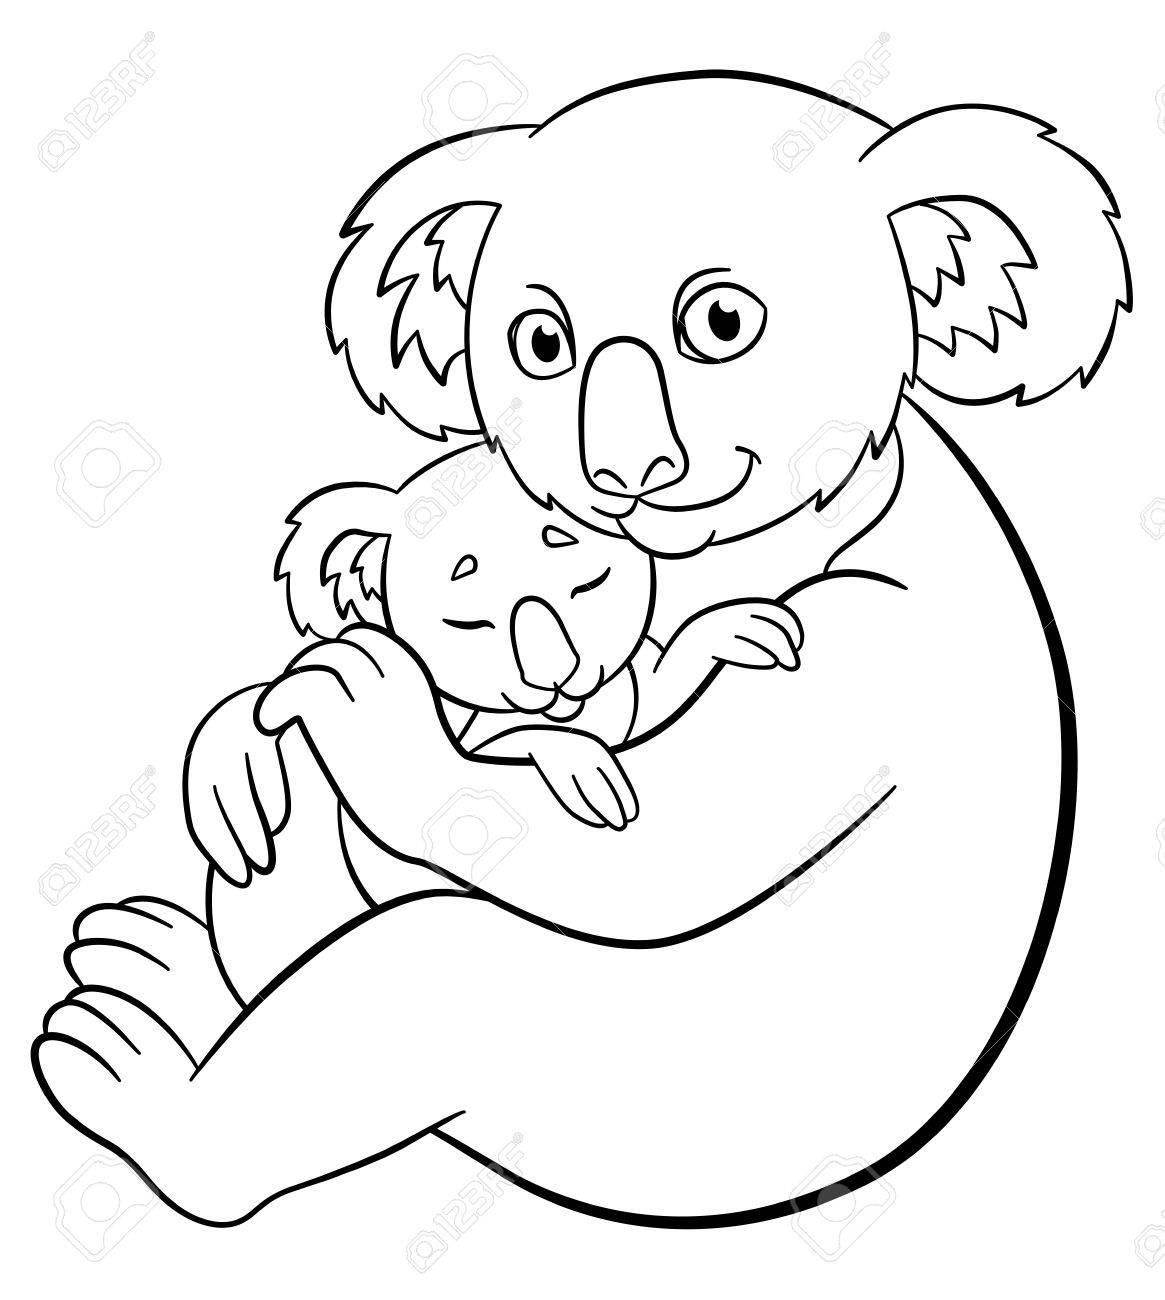 Coloriage Mère Koala Avec Son Petit Bébé Endormi Mignon